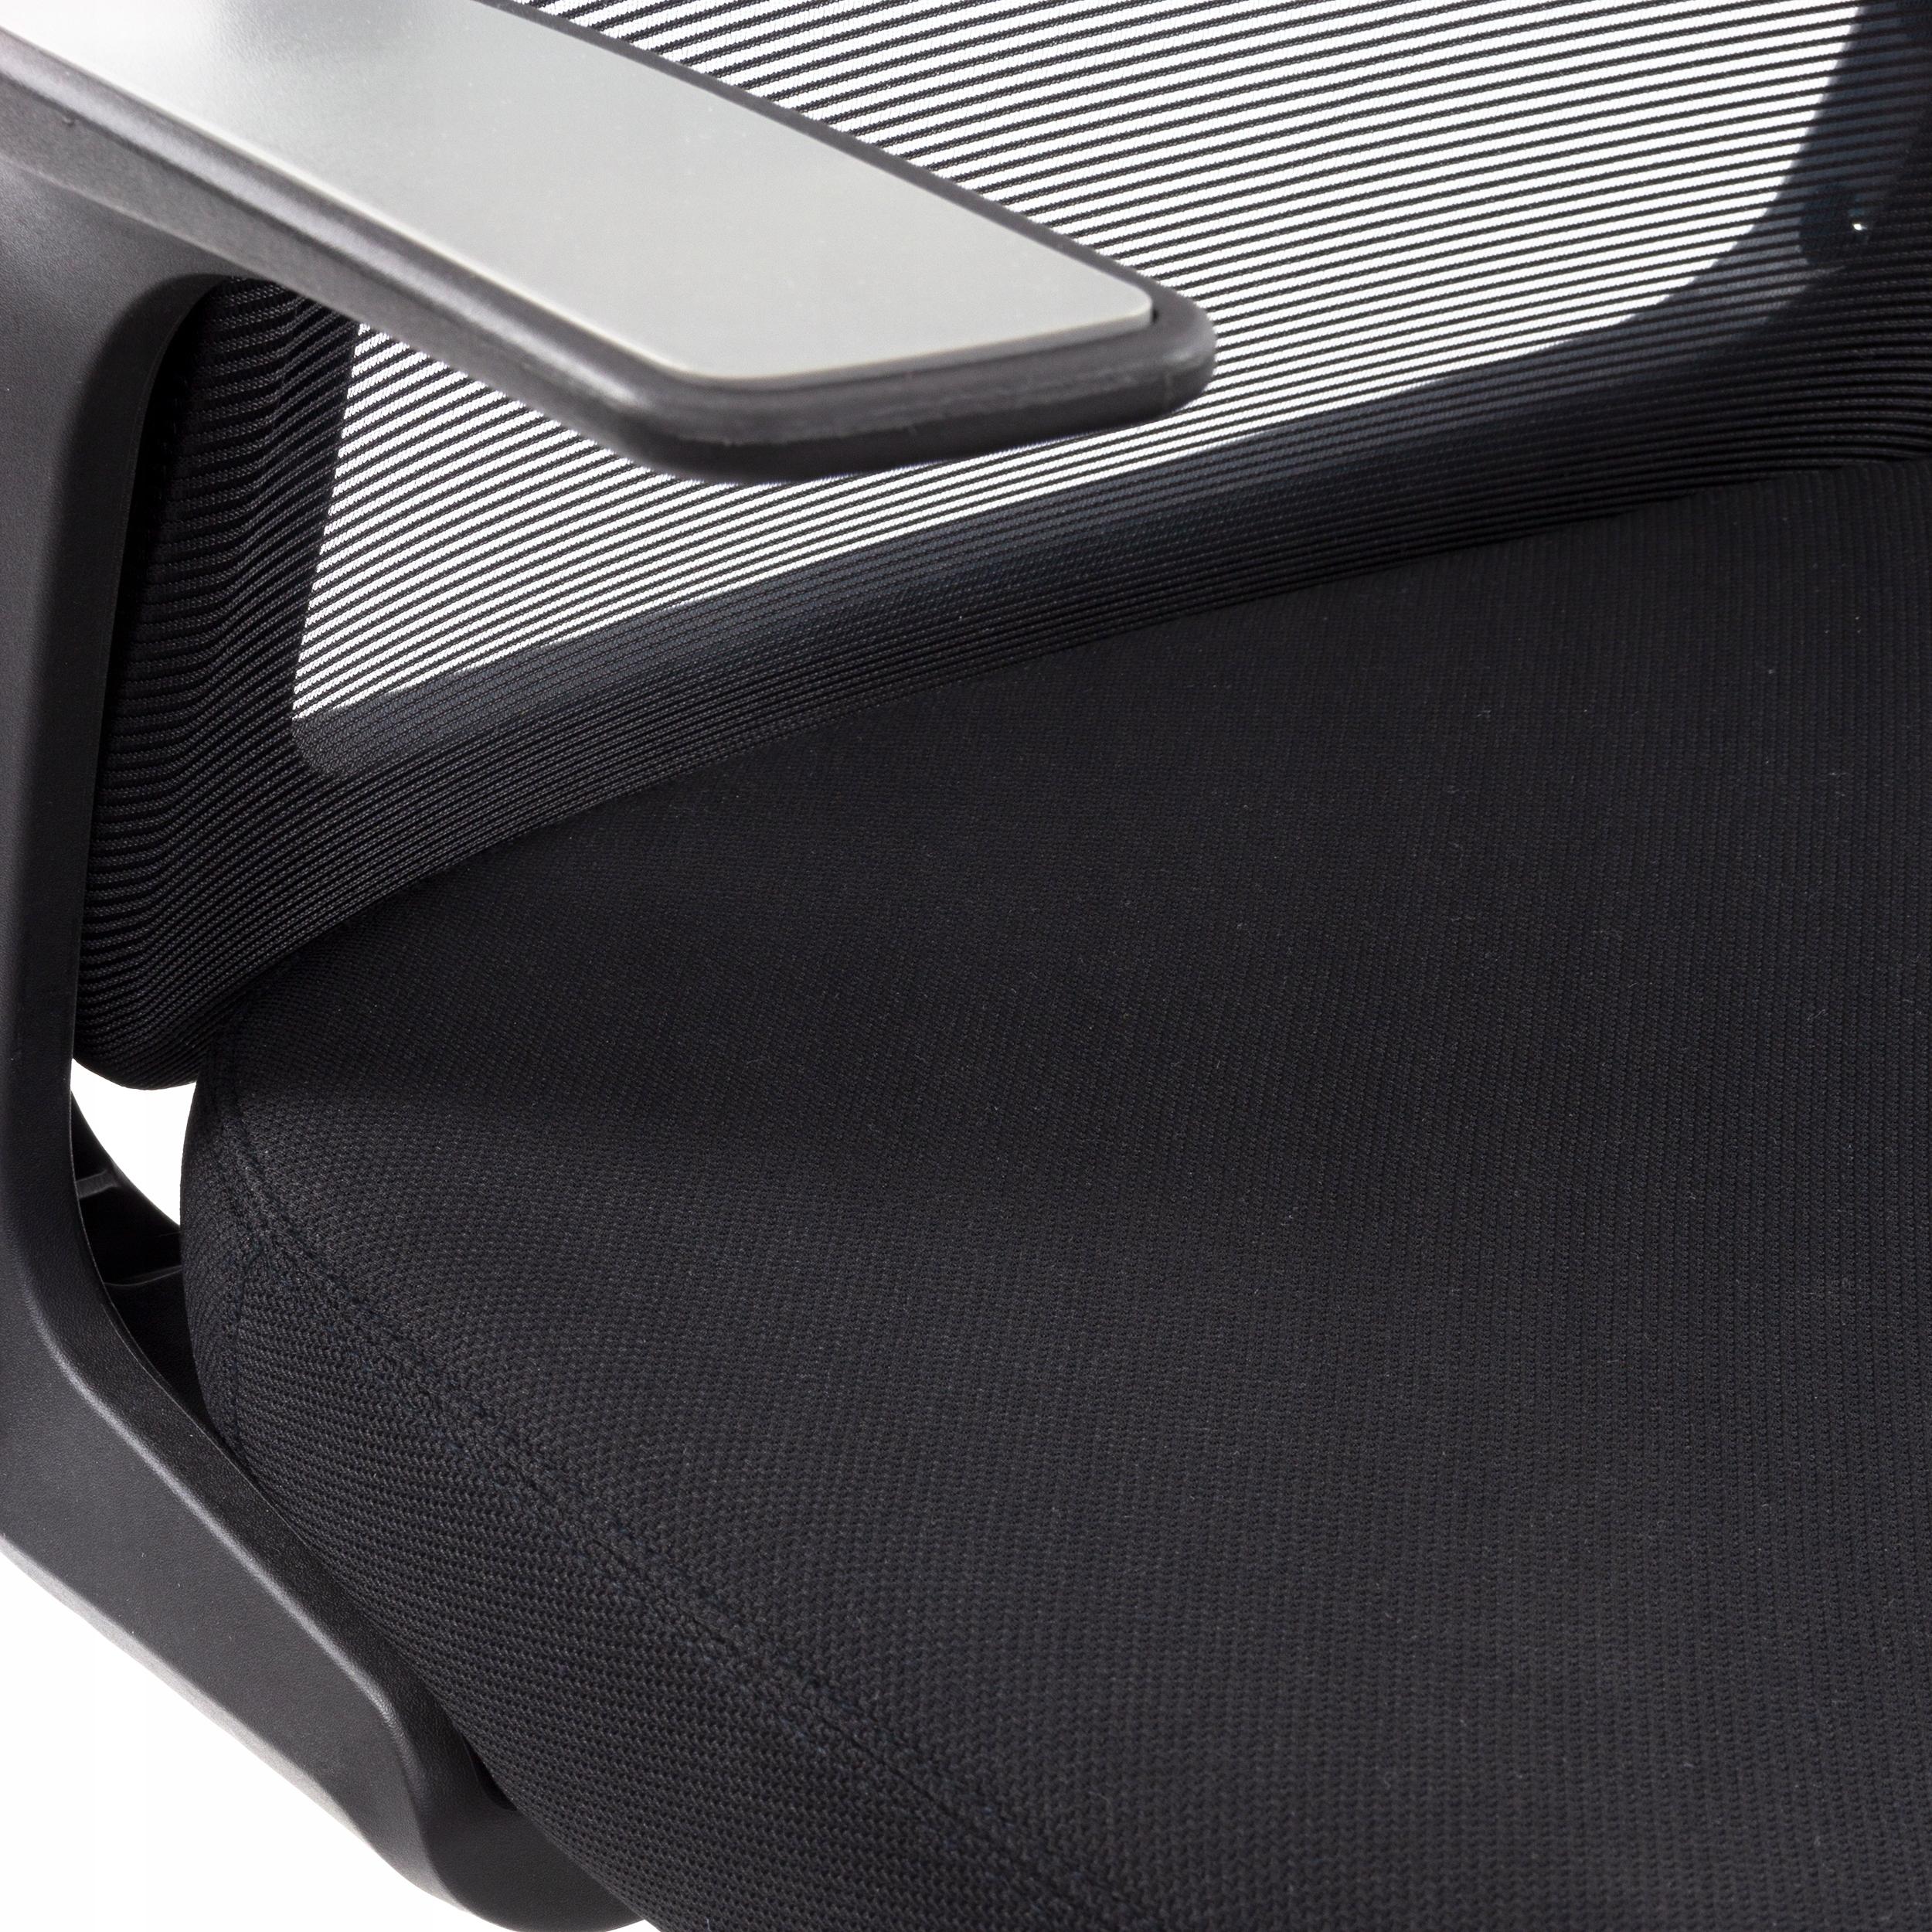 Ергономічний поворотний стілець для офісного крісла AMO-90 Вага виробу в упаковці 16 кг